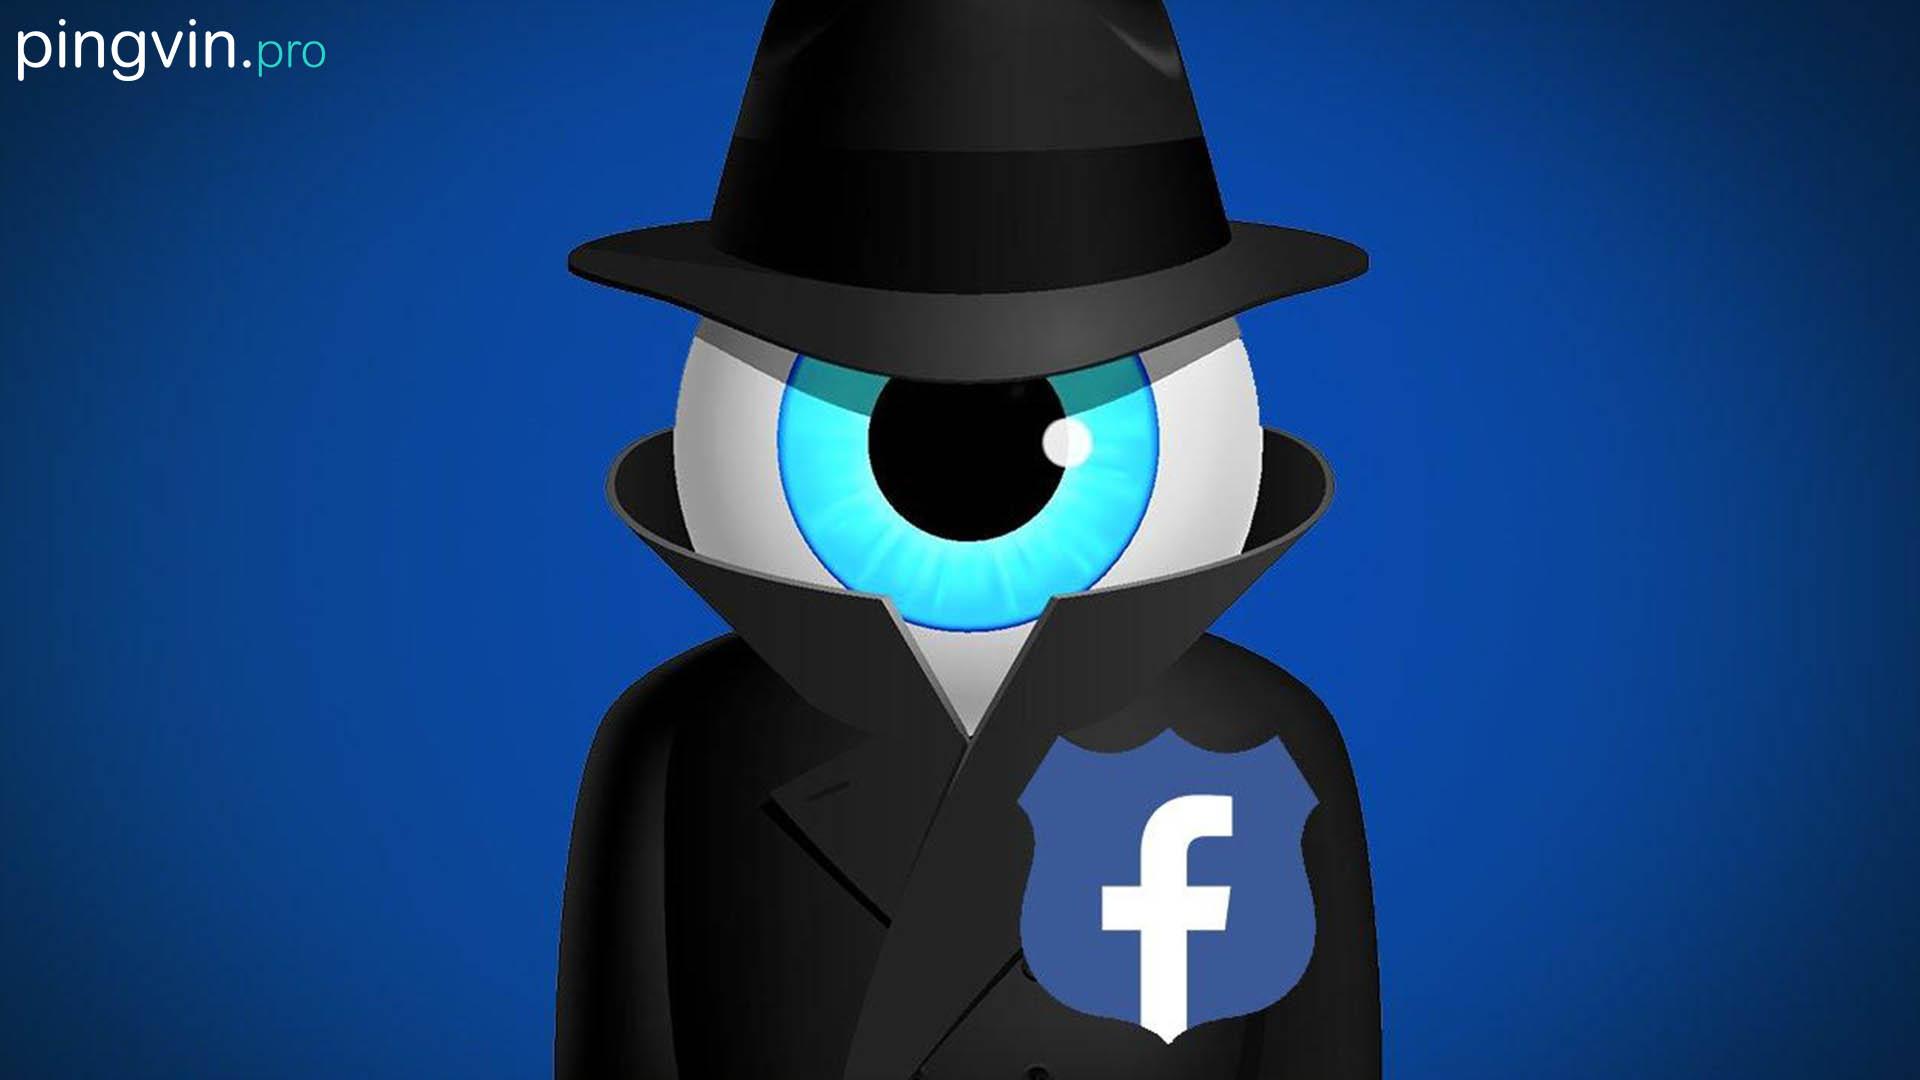 Британський Парламент довів, що Facebook зливає дані користувачів